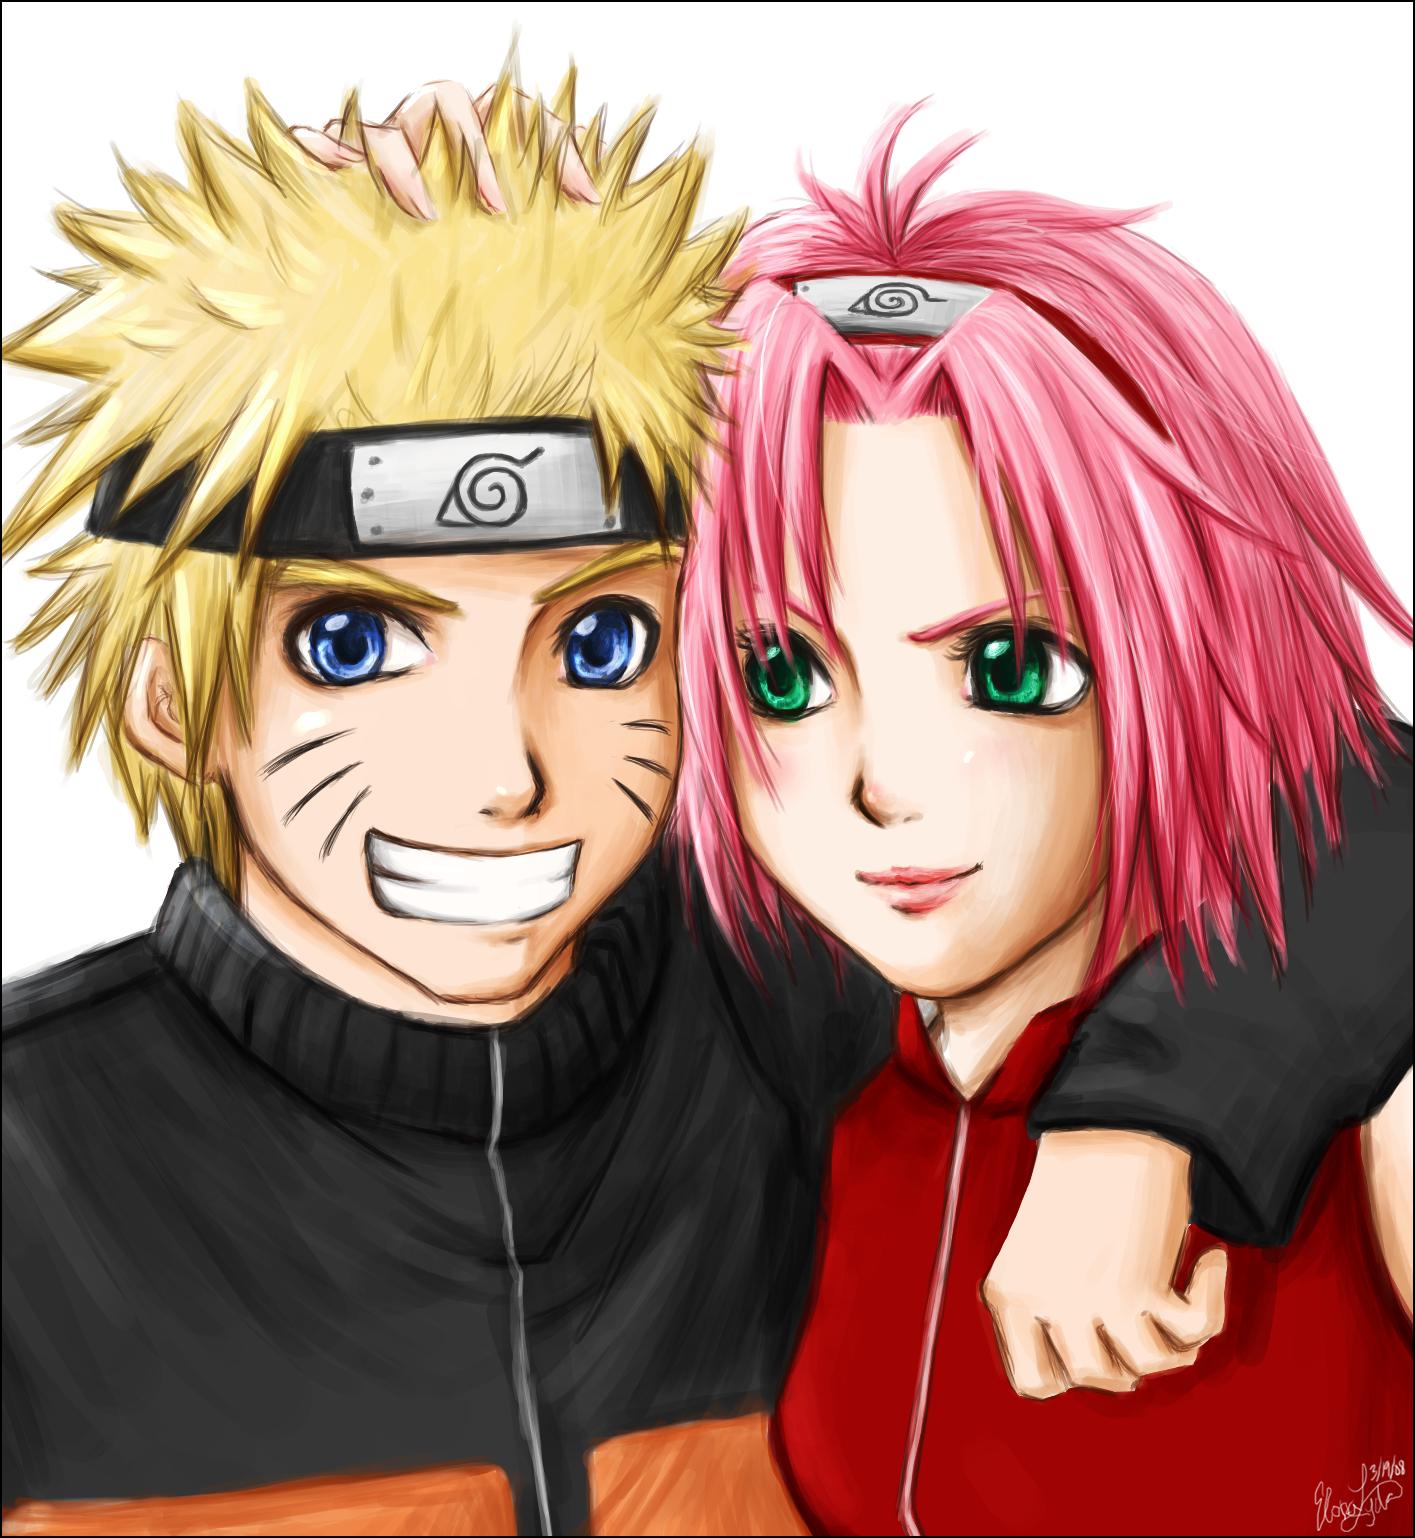 naruto and sakora Naruto_and_Sakura_by_krystalflame